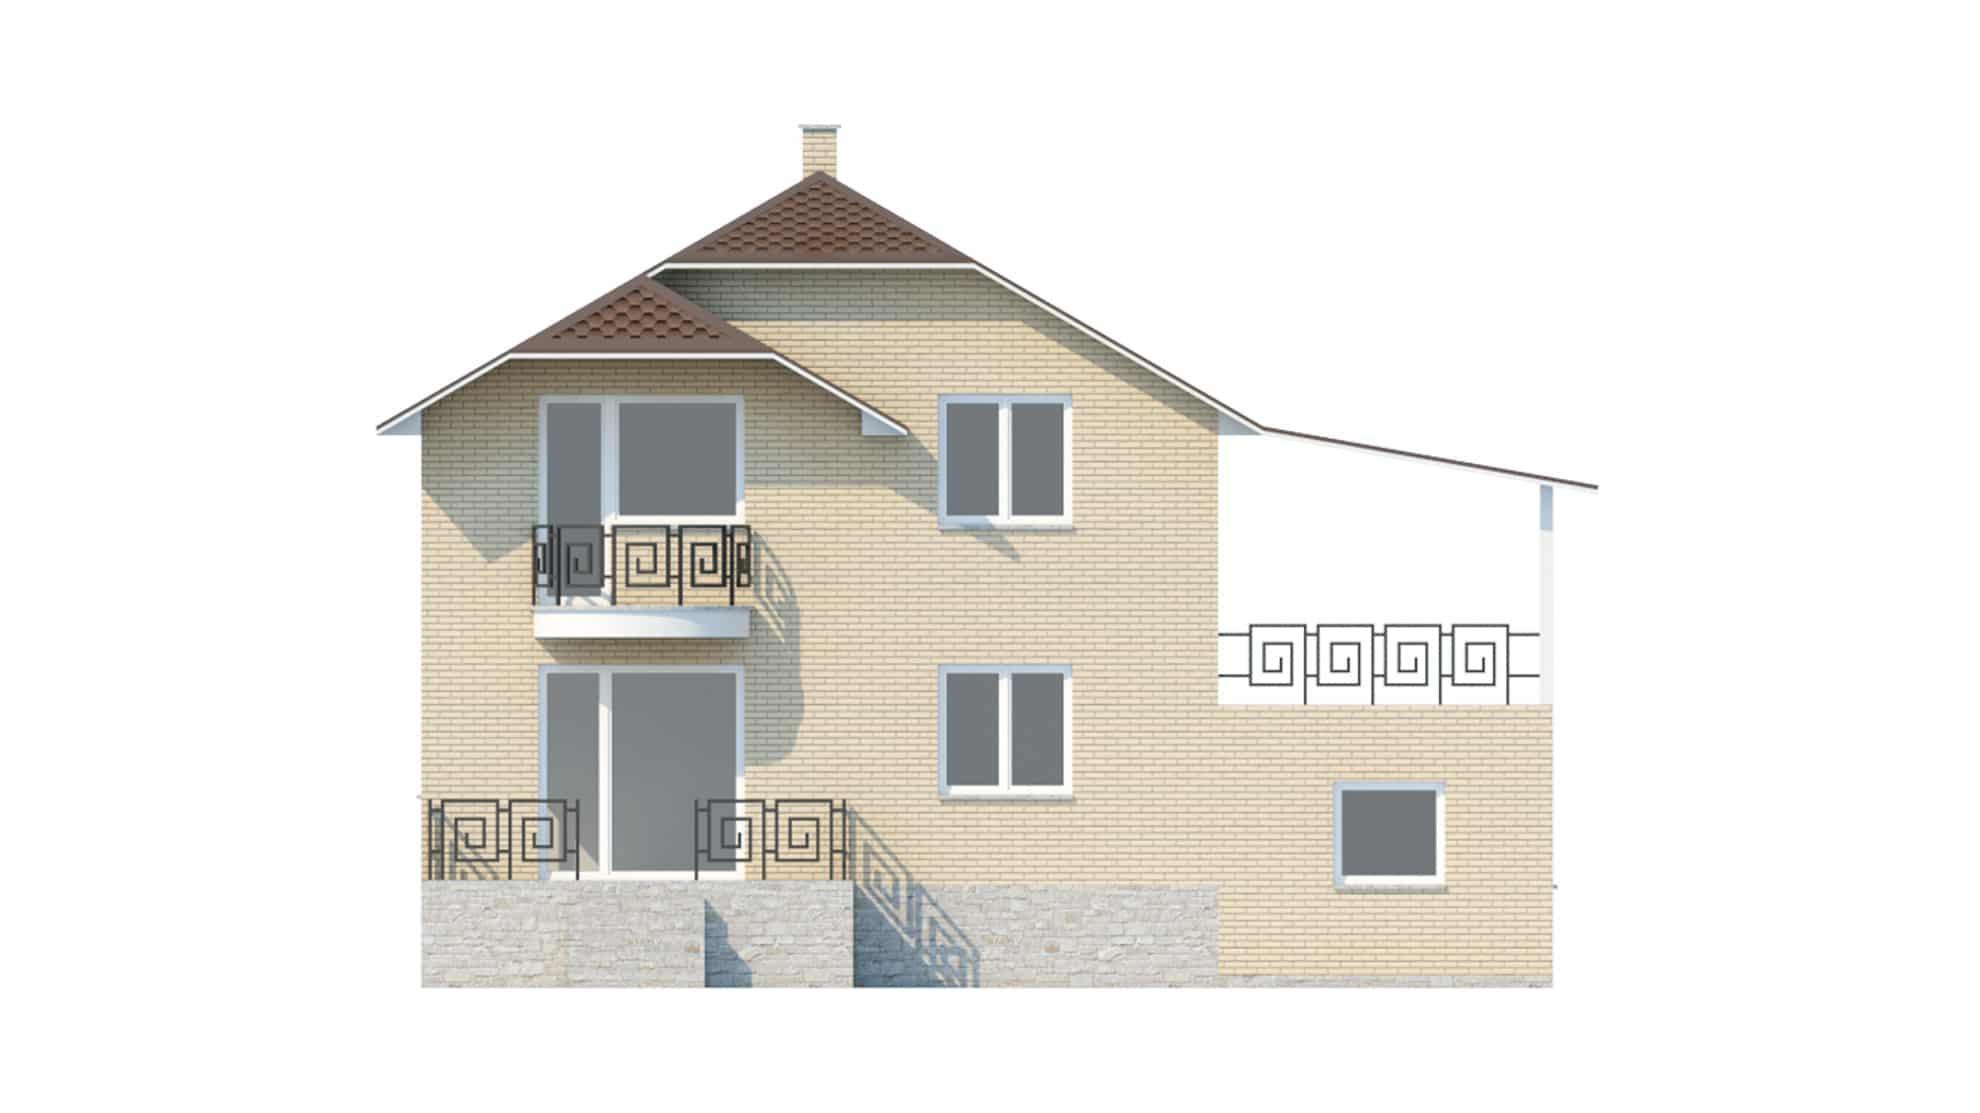 Фасад мансардного дома с гаражом и цокольным этажом «КМ-45» сзади